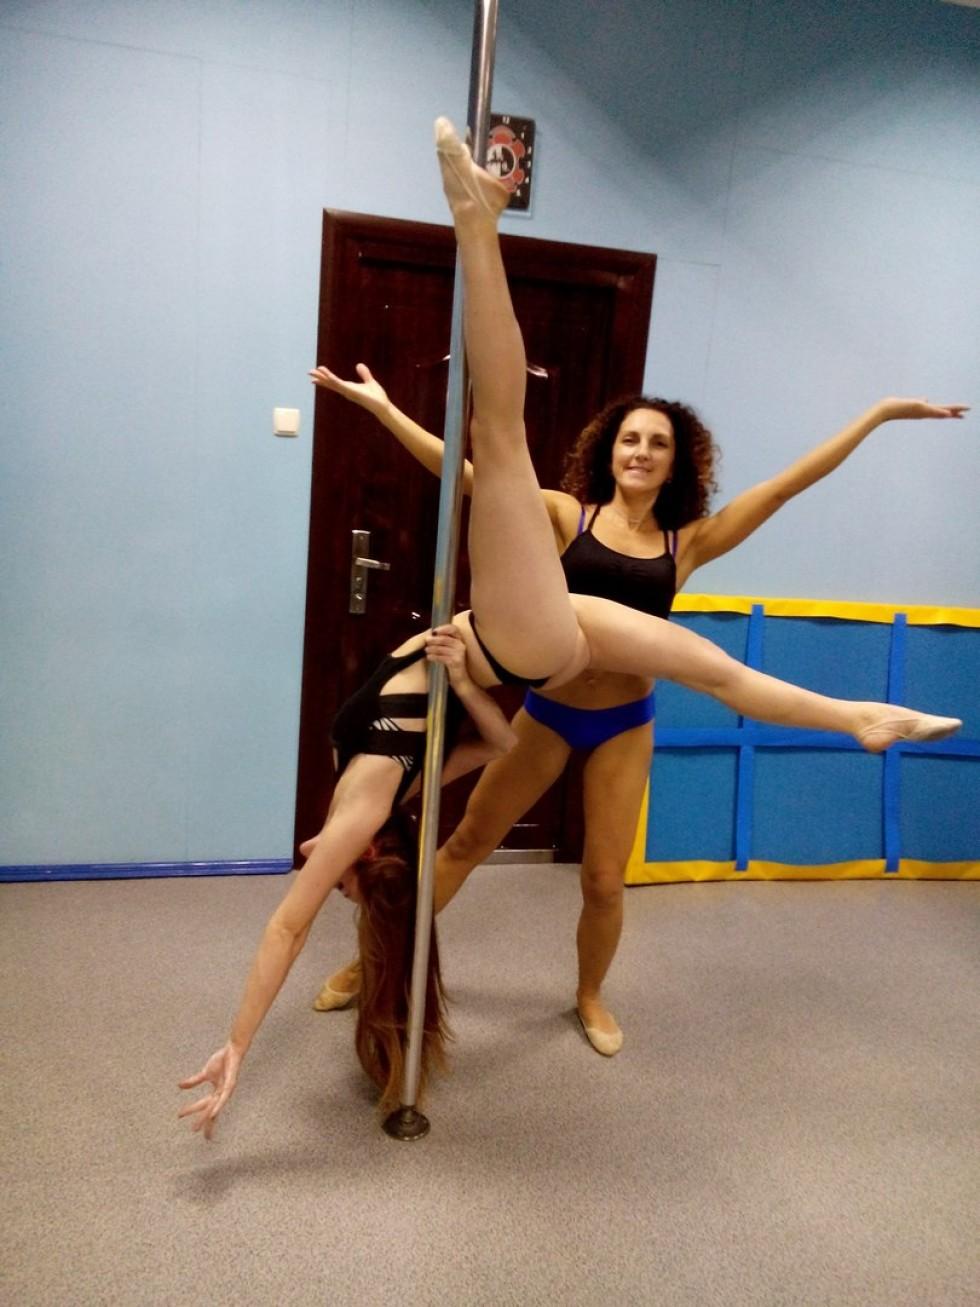 Спортивний пол-денс вимагає не меншої спортивної підготовки, ніж спортивна гімнастика